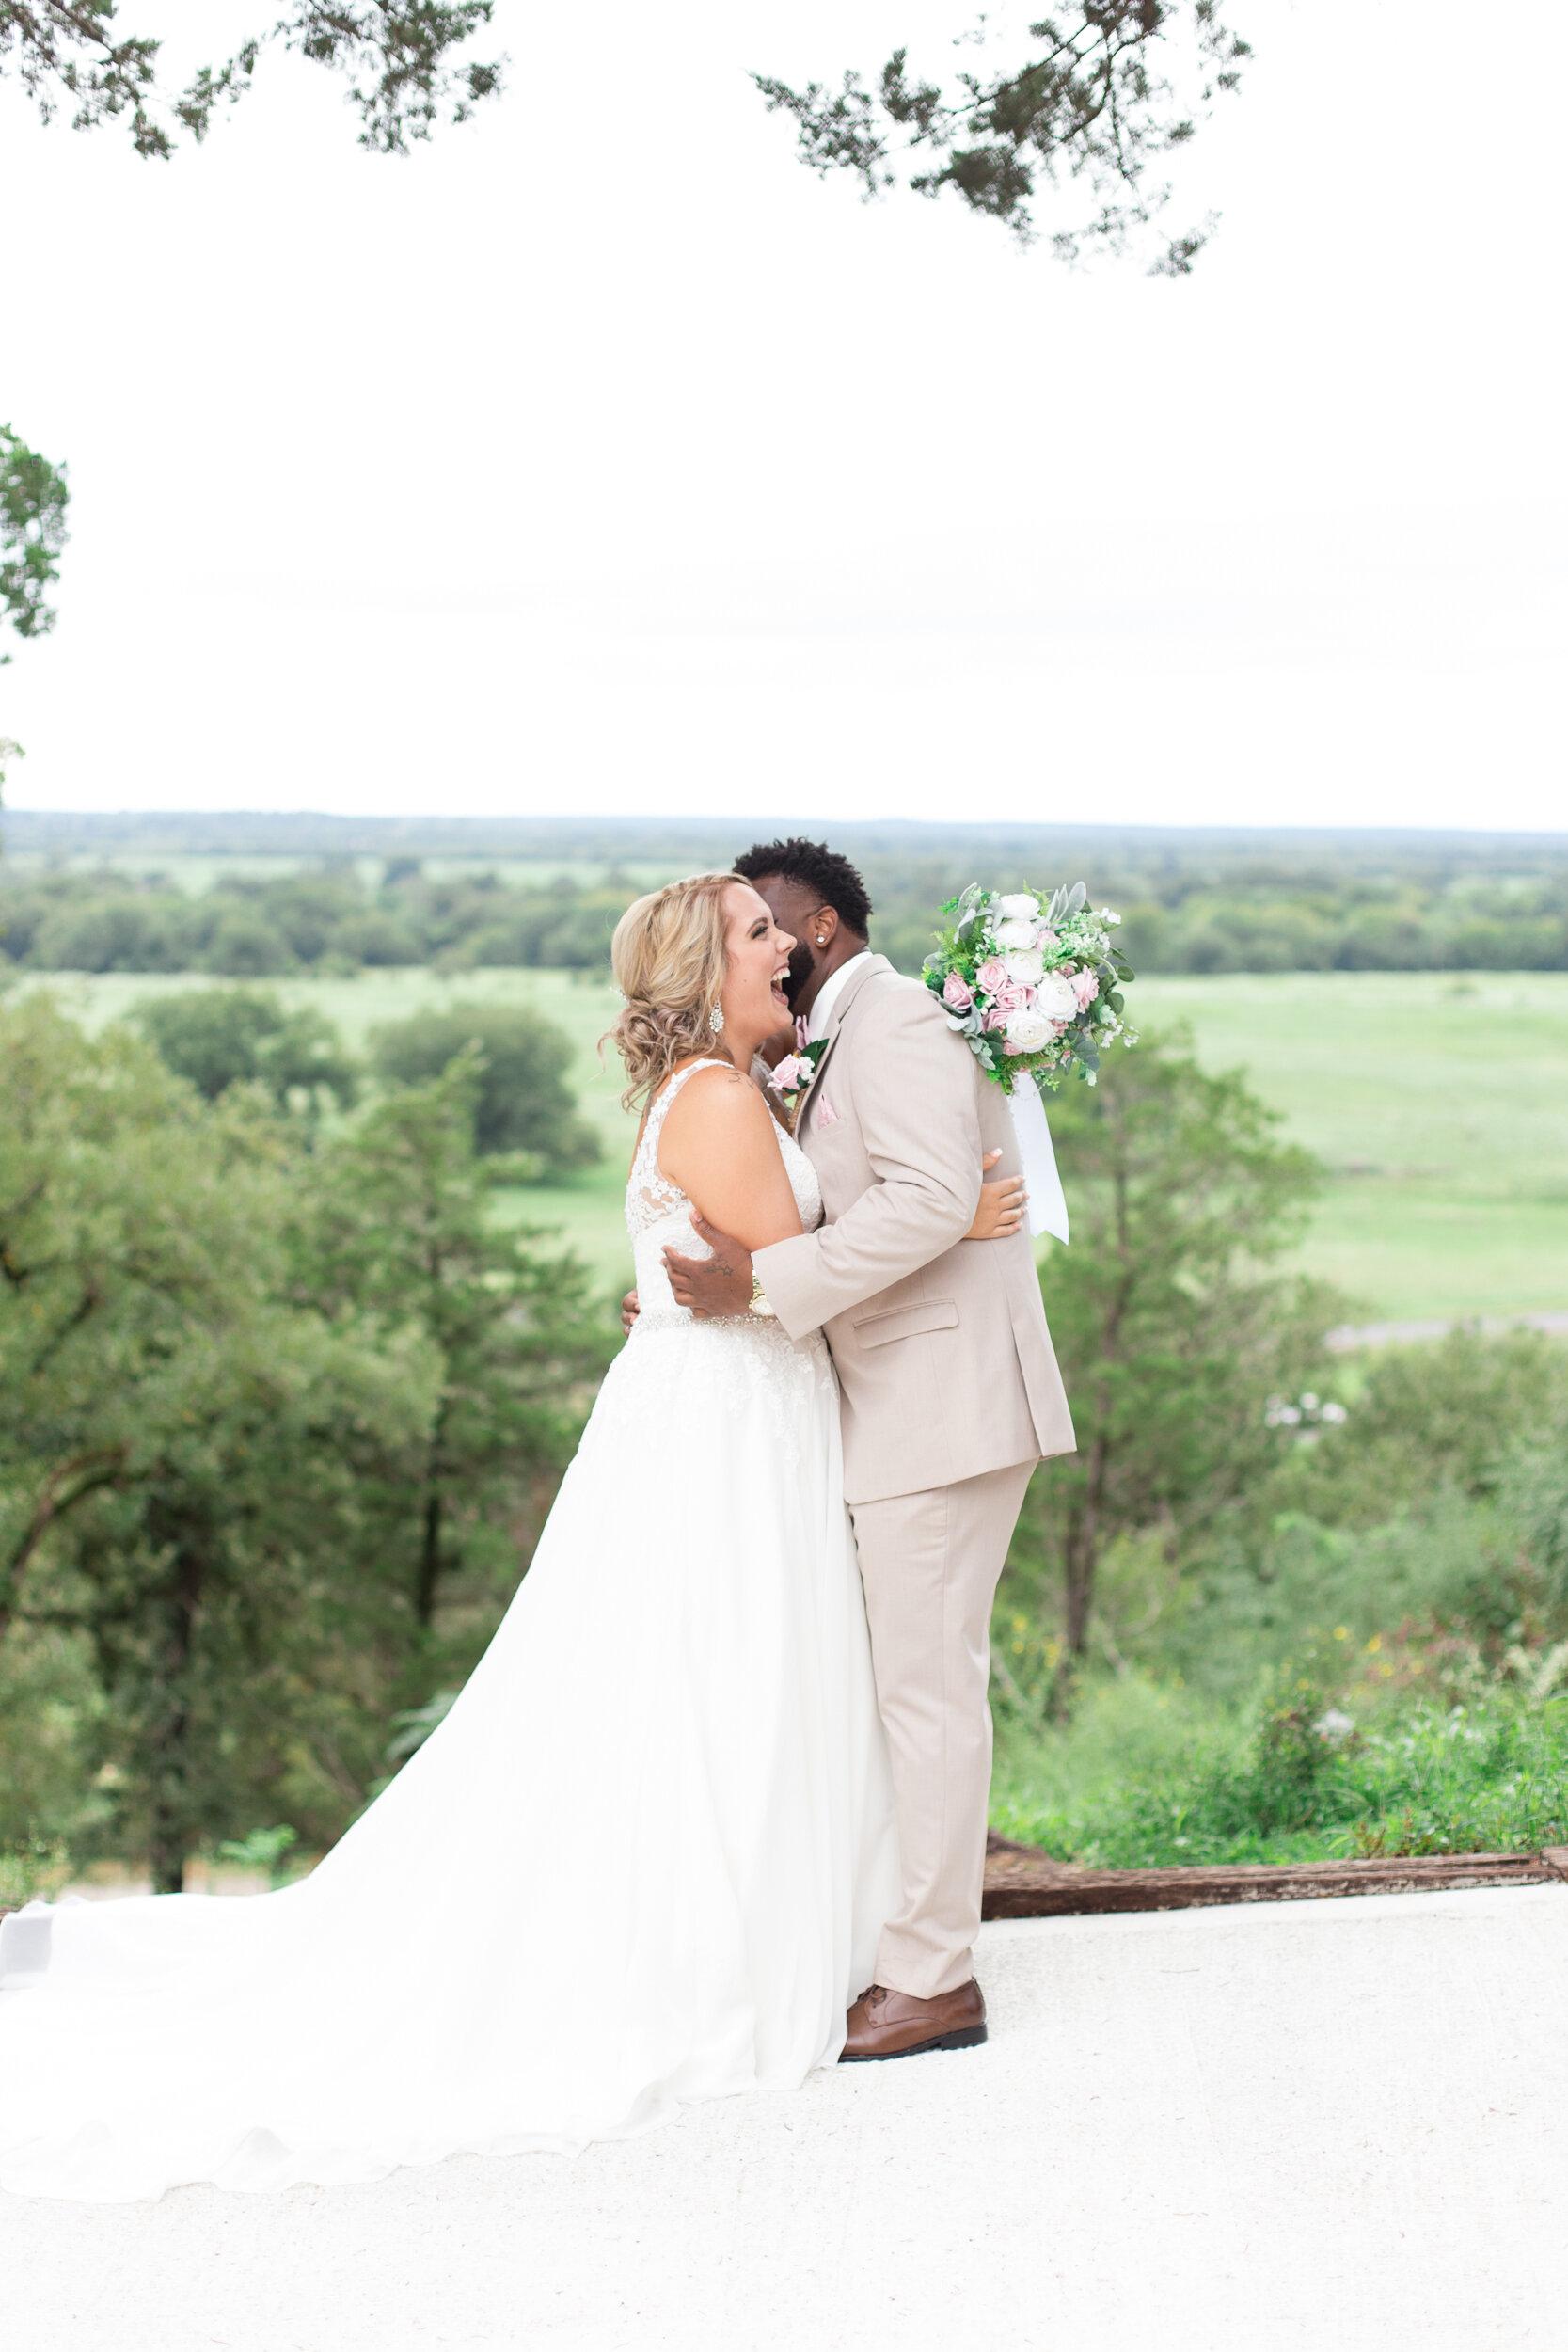 Emanuel-Wedding_kelsiehendricksphotography-33.jpg